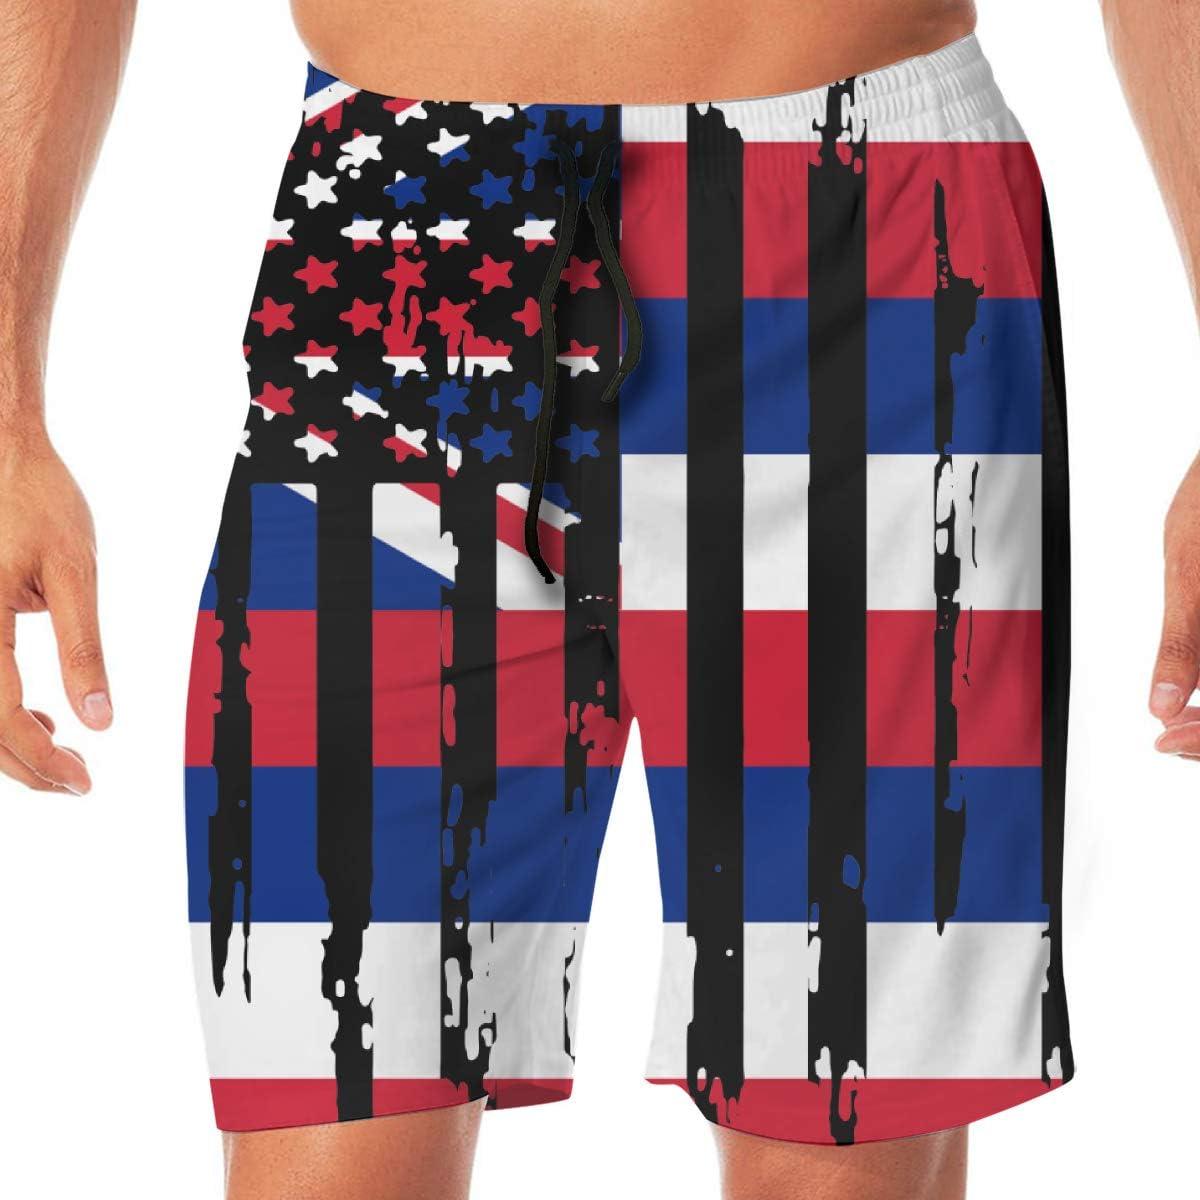 Mens Abstract American Hawaii State Flag Boardshorts Beach Pants No Mesh Lining